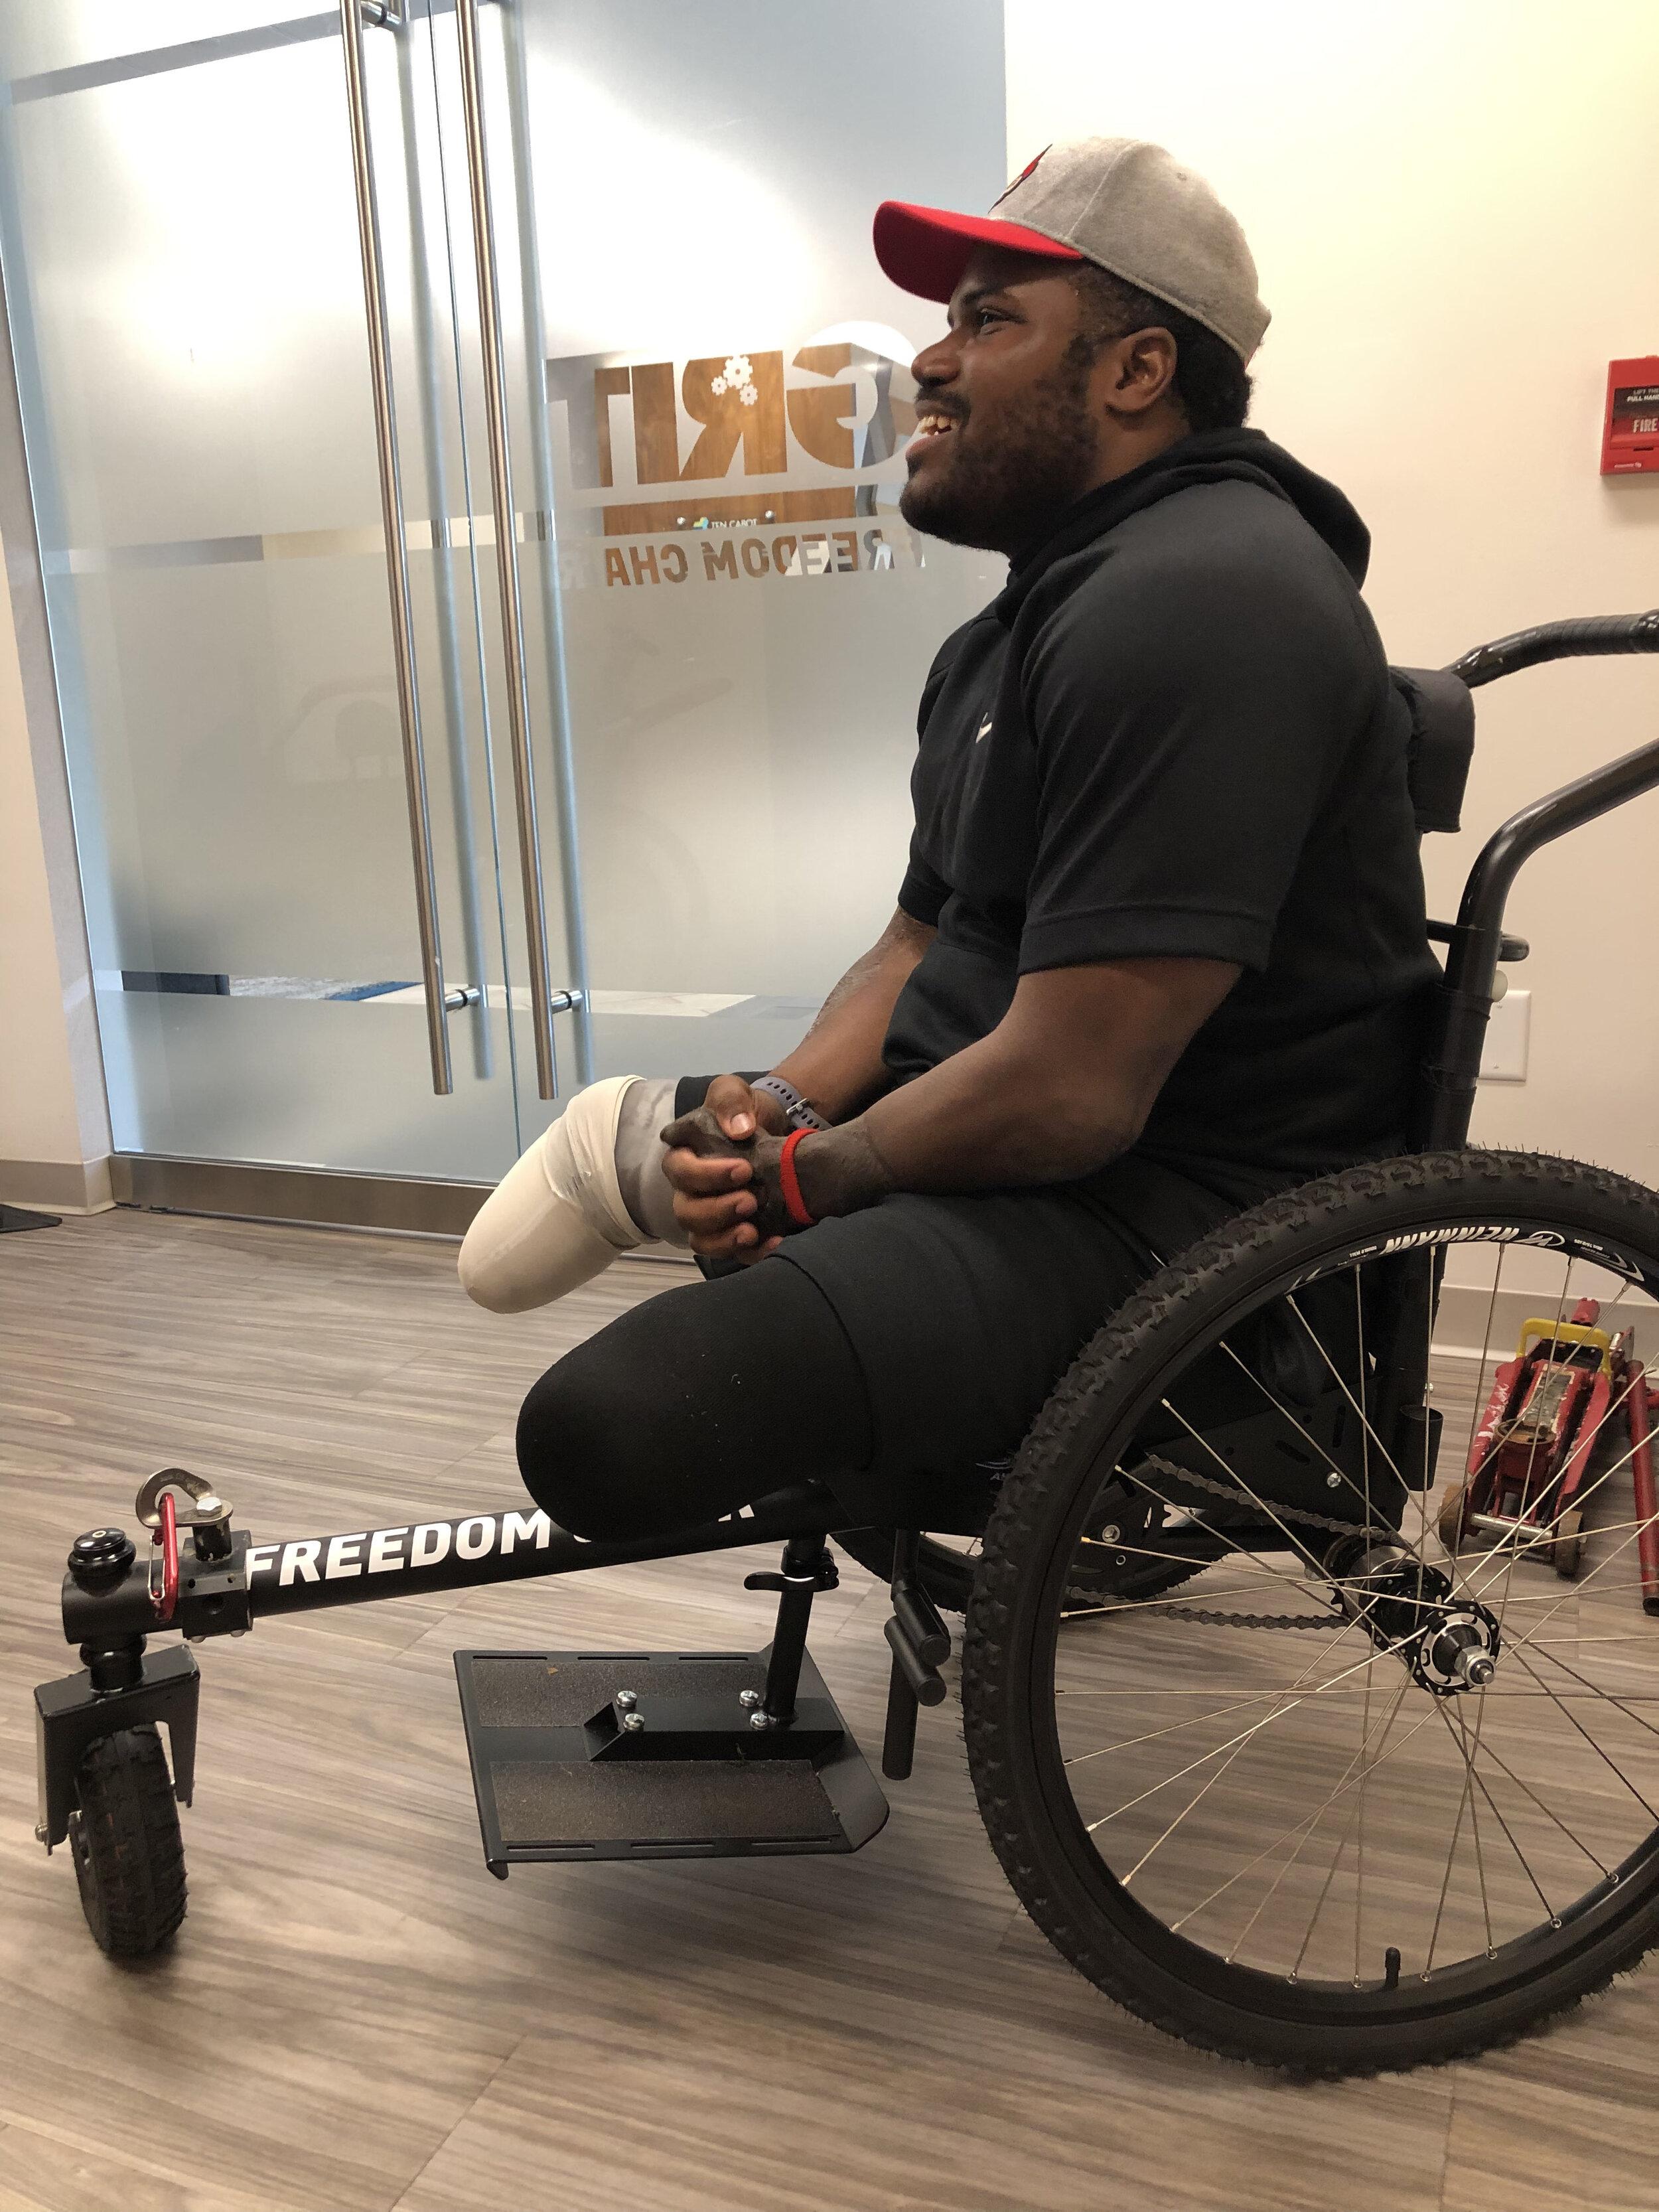 Amputee-wheelchair-all-terrain-15.jpg